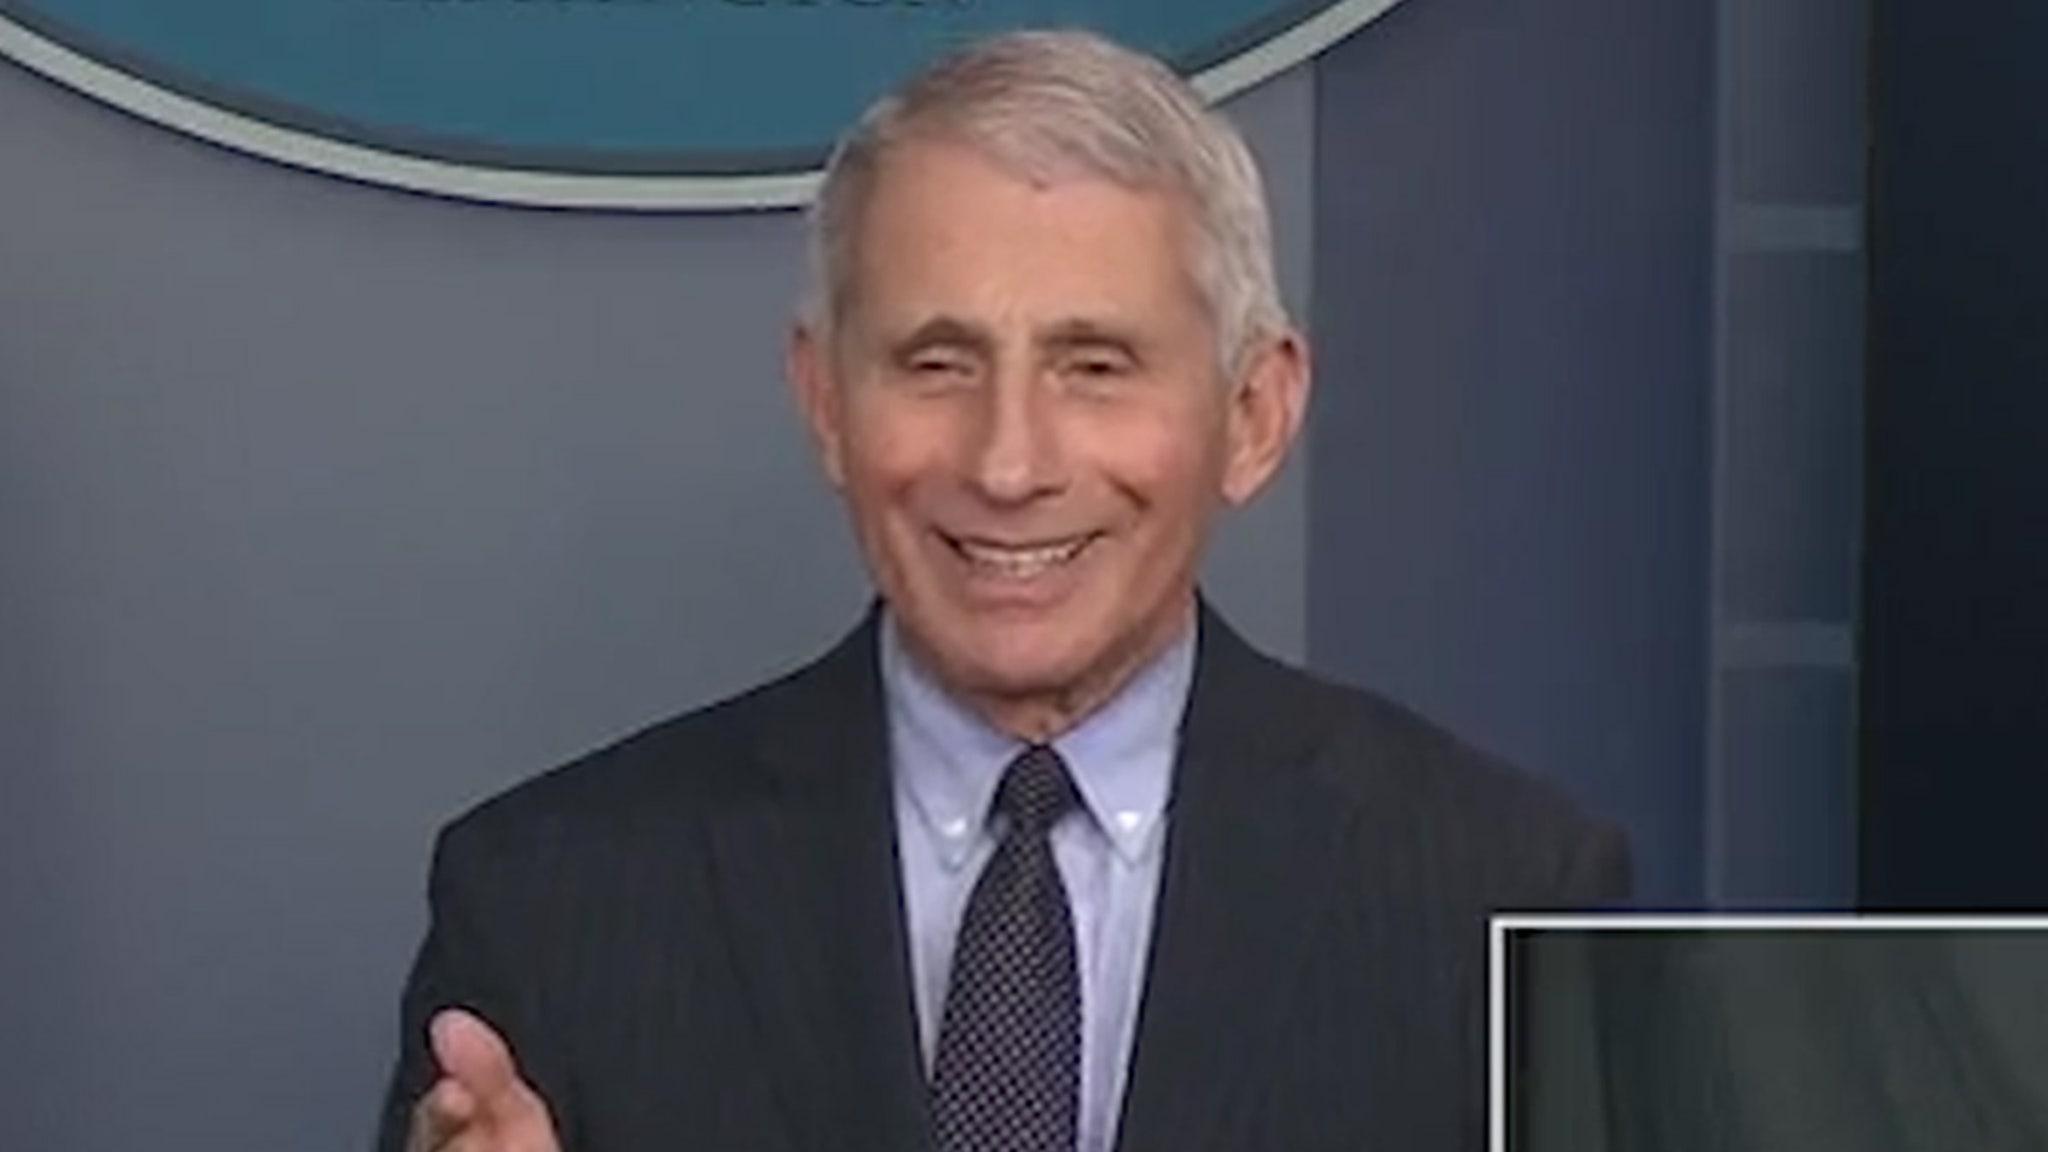 Доктор Энтони Фаучи затеняет Трампа: он чувствует себя свободным, работая на Байдена